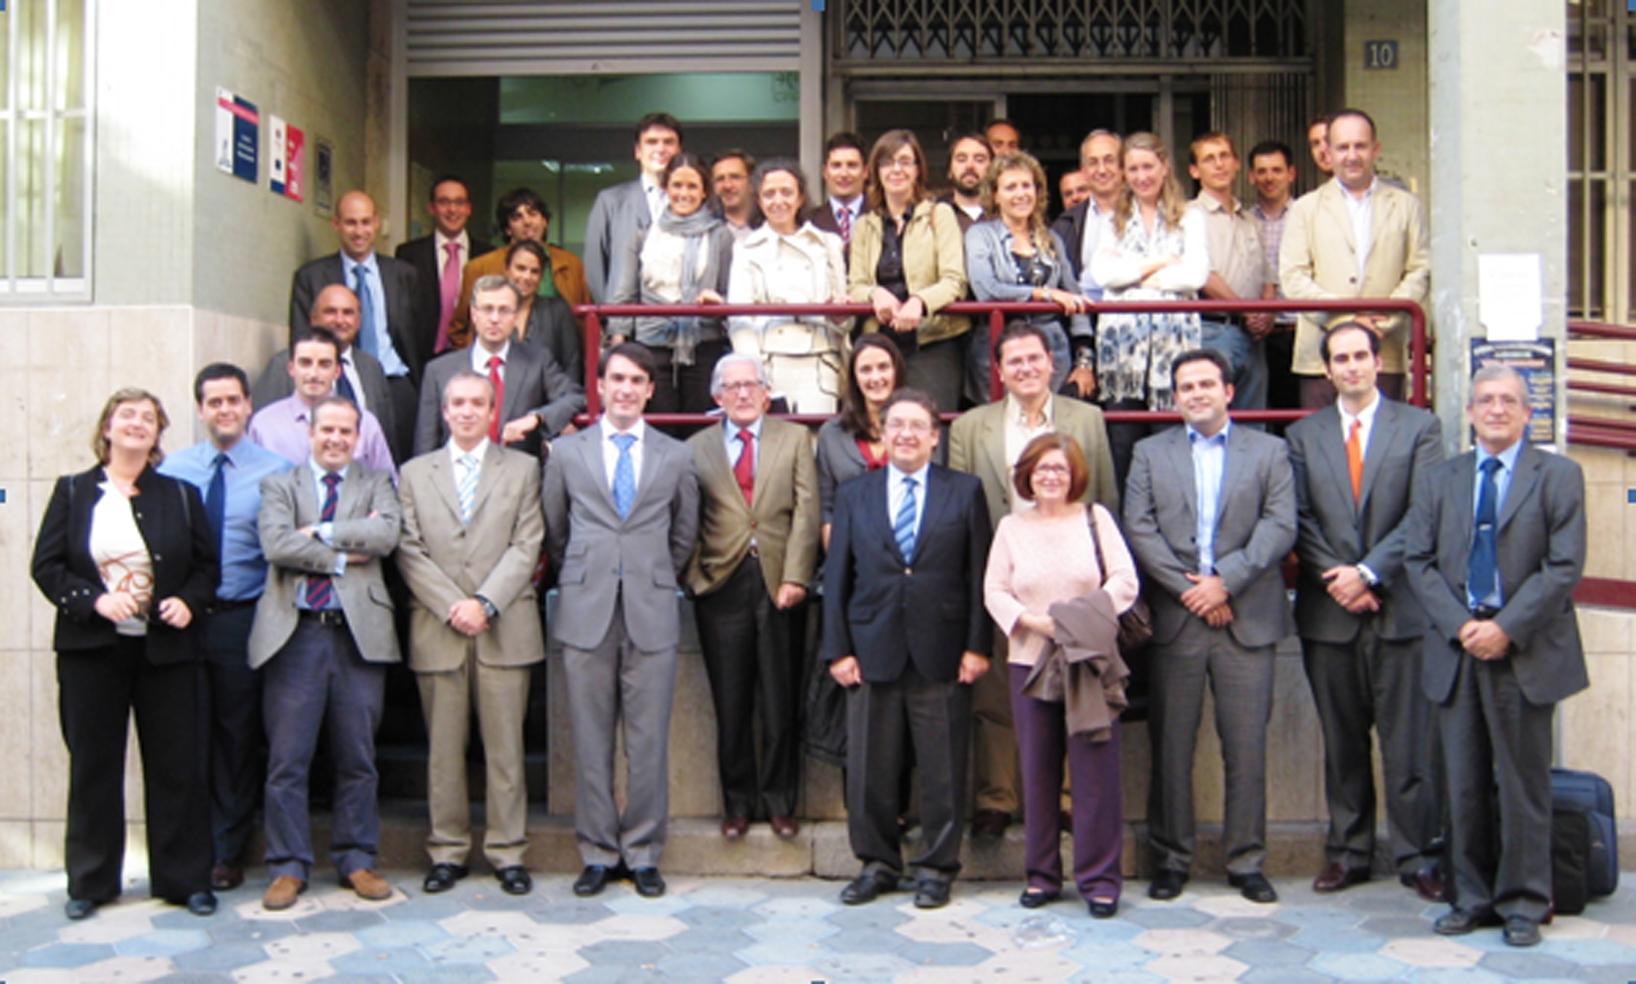 El ministerio de ciencia e innovaci n apoya al sector de for Ministerio de ciencia